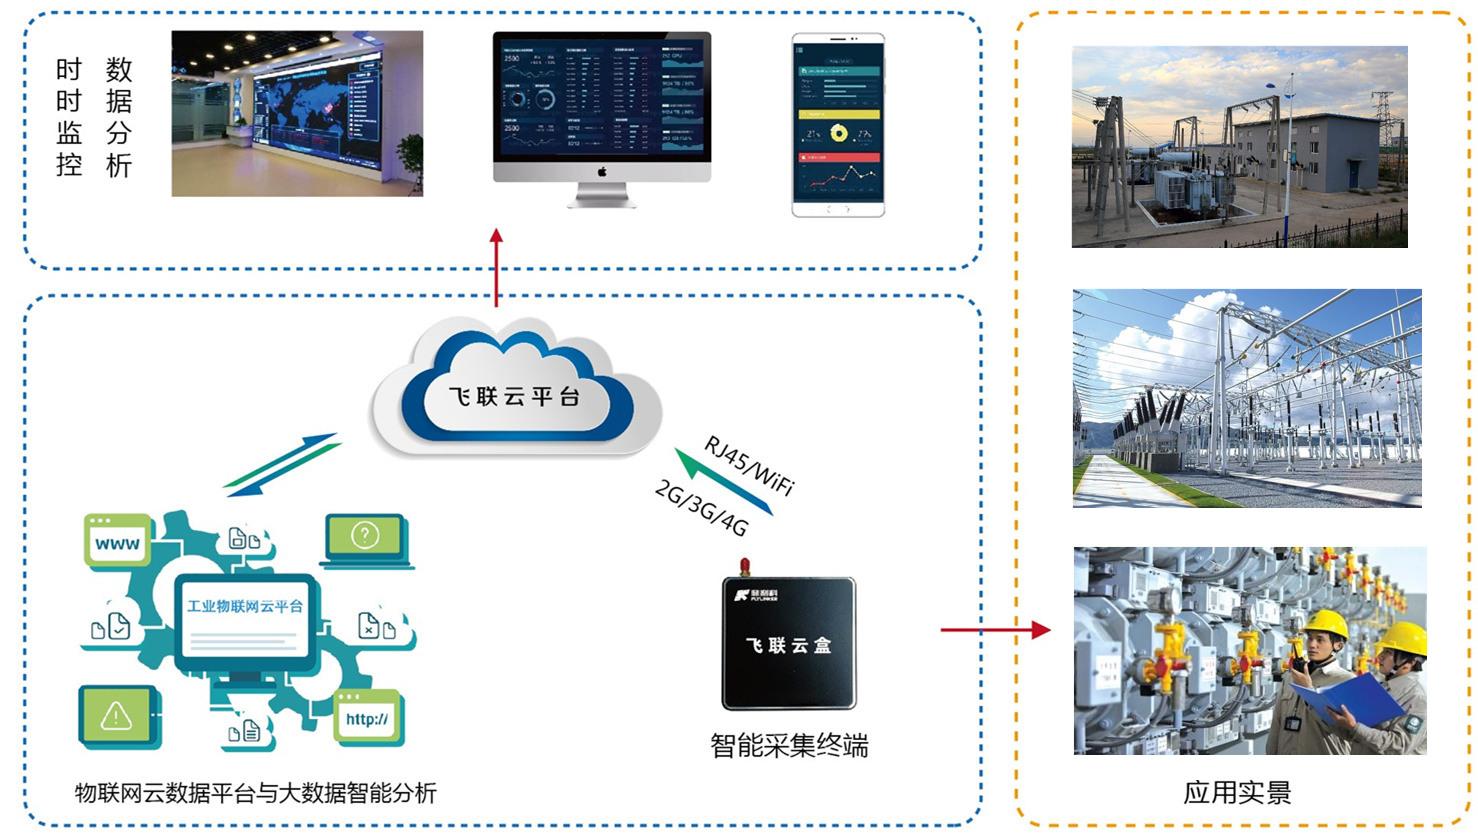 变电站智能监控系统 菲利科变电站物联网方案